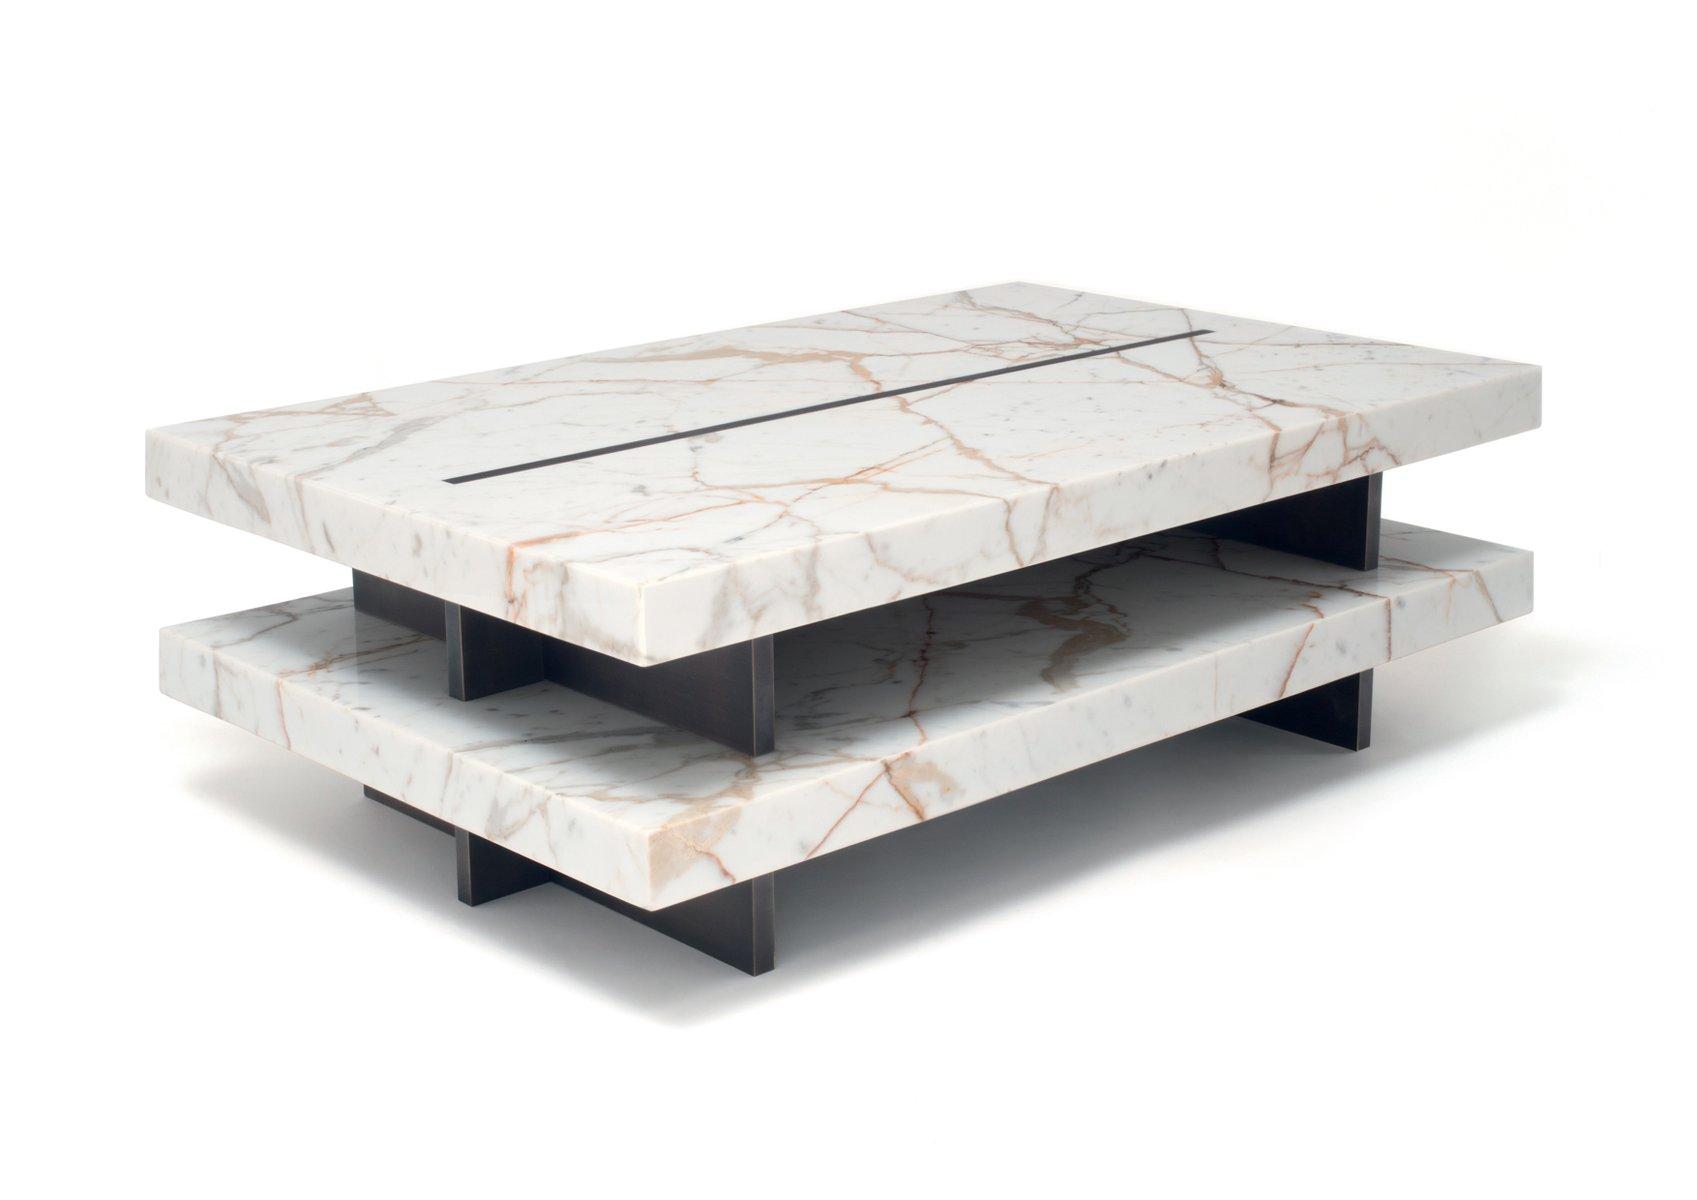 ZIP! Tisch aus Ottone Marmor in Calacatta Gold von Stefano Belingardi ...